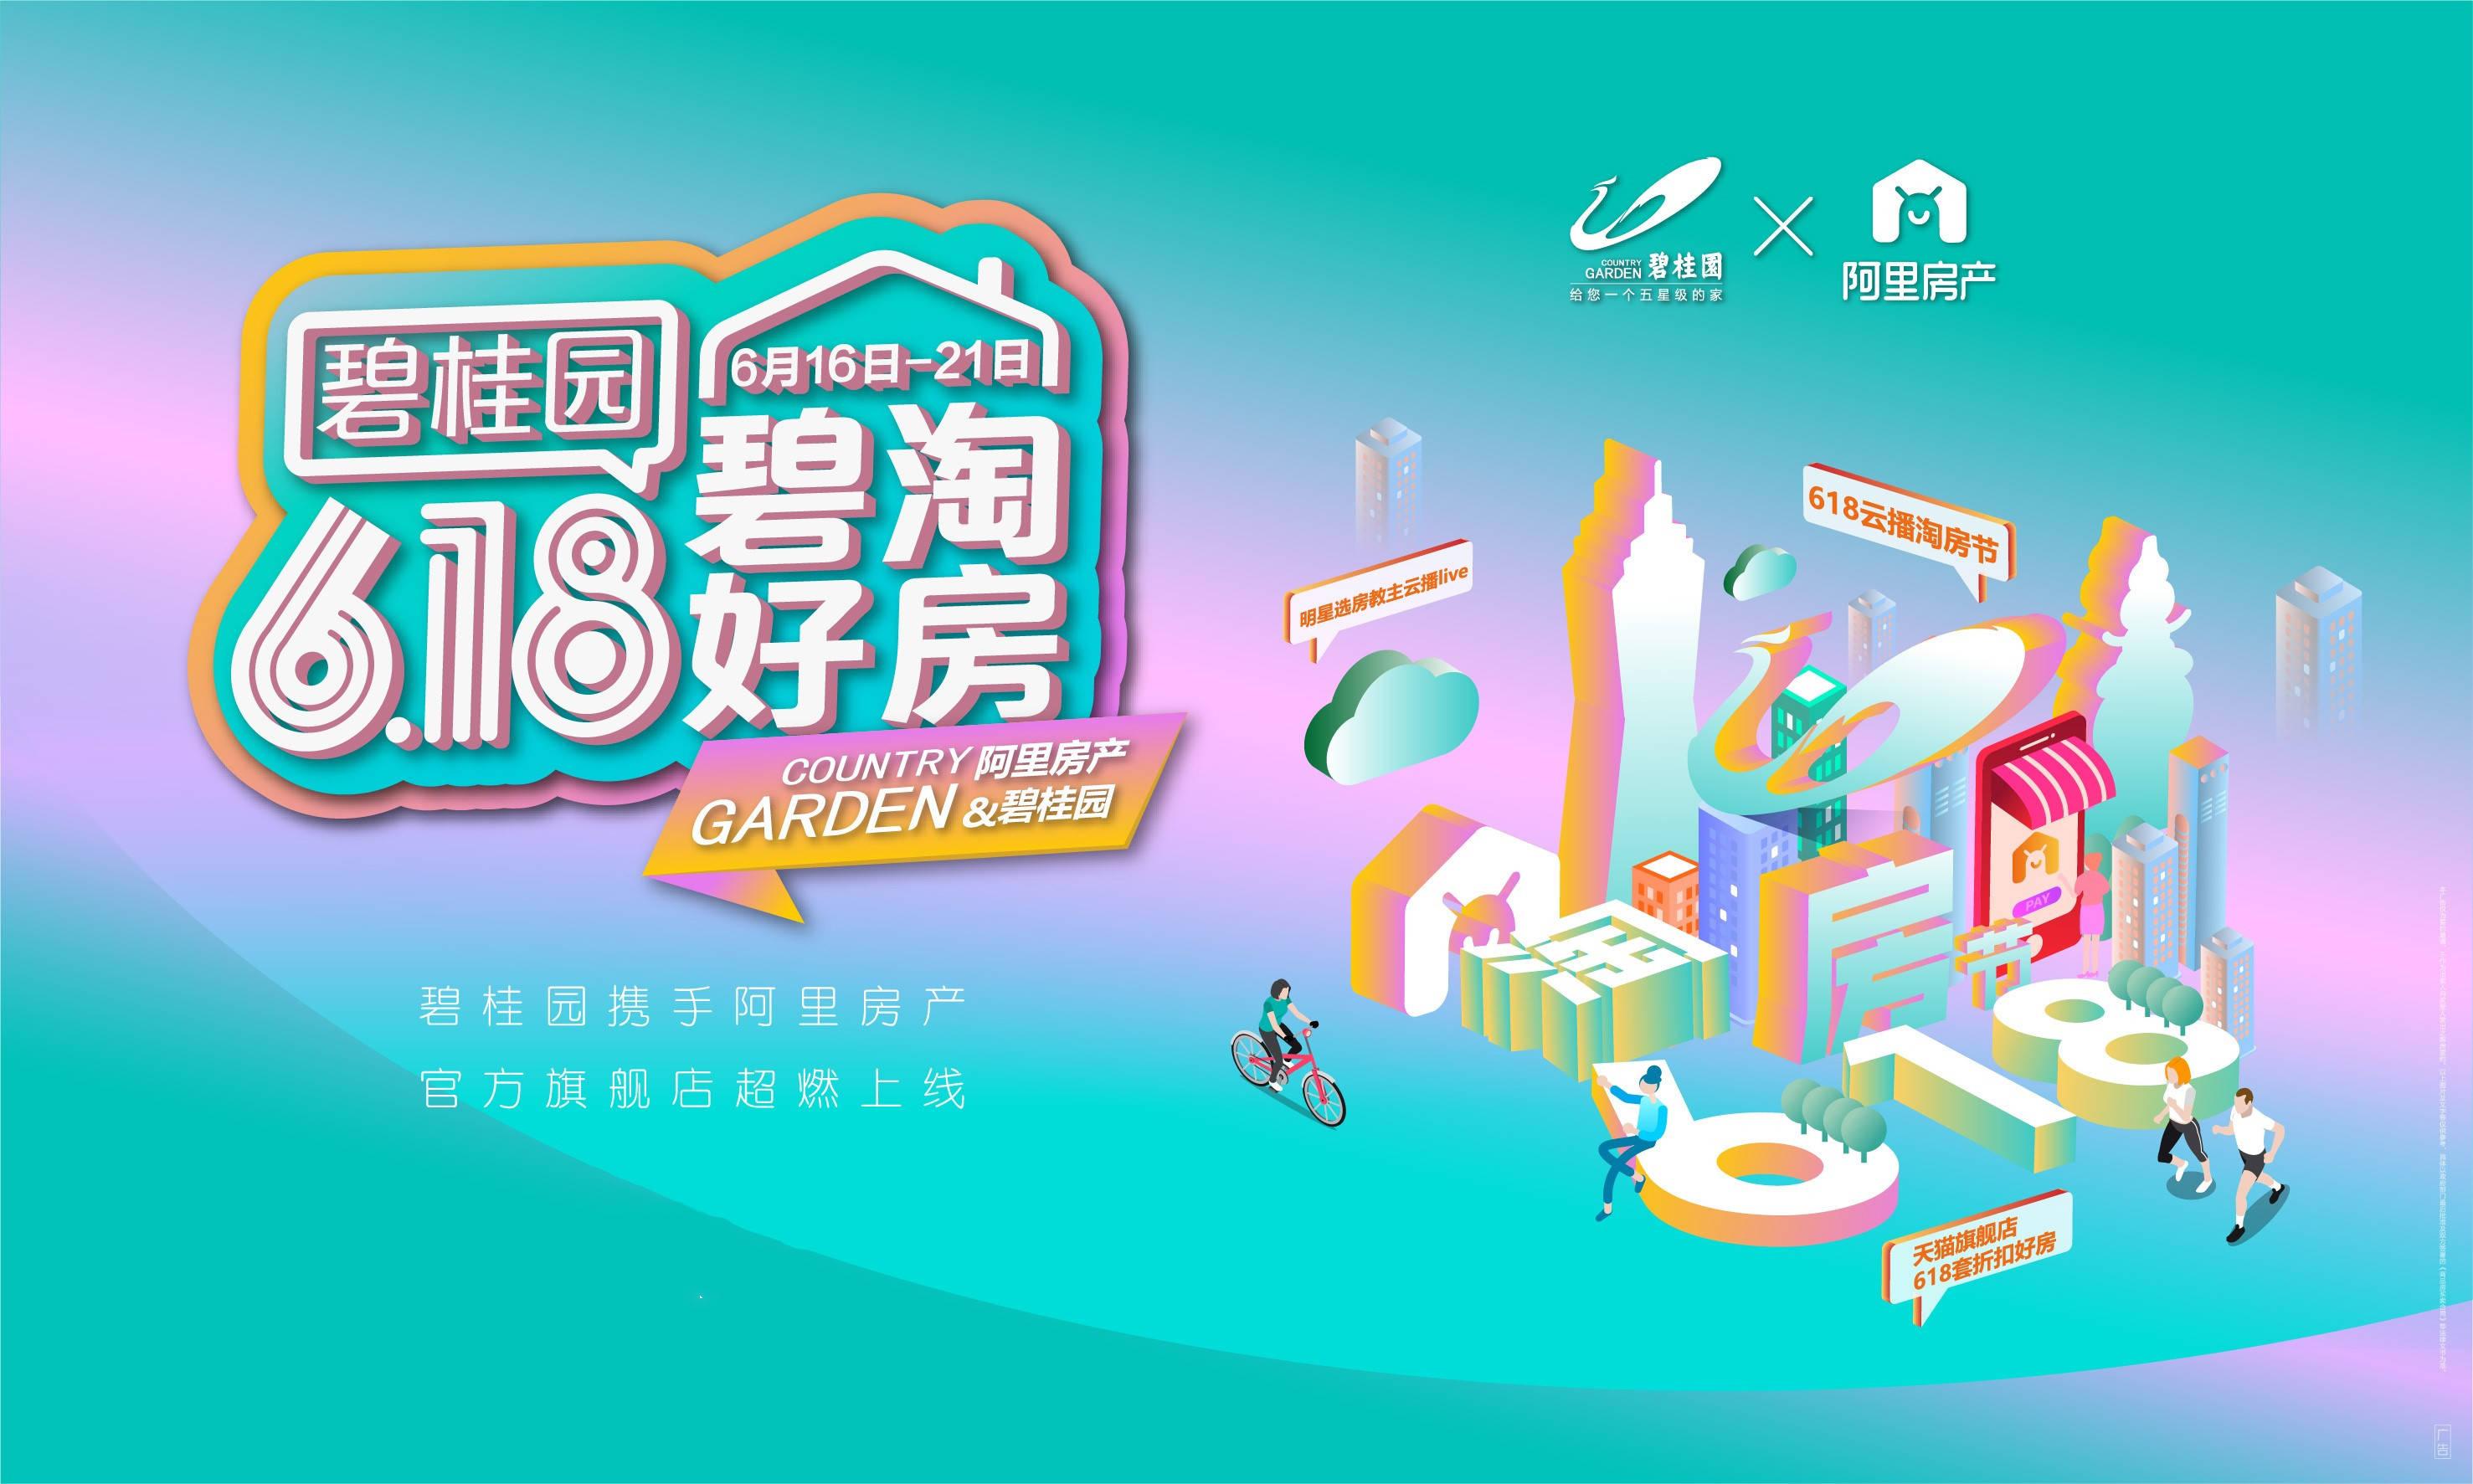 碧桂园联手阿里房产上线官方旗舰店数字化营销再进一步